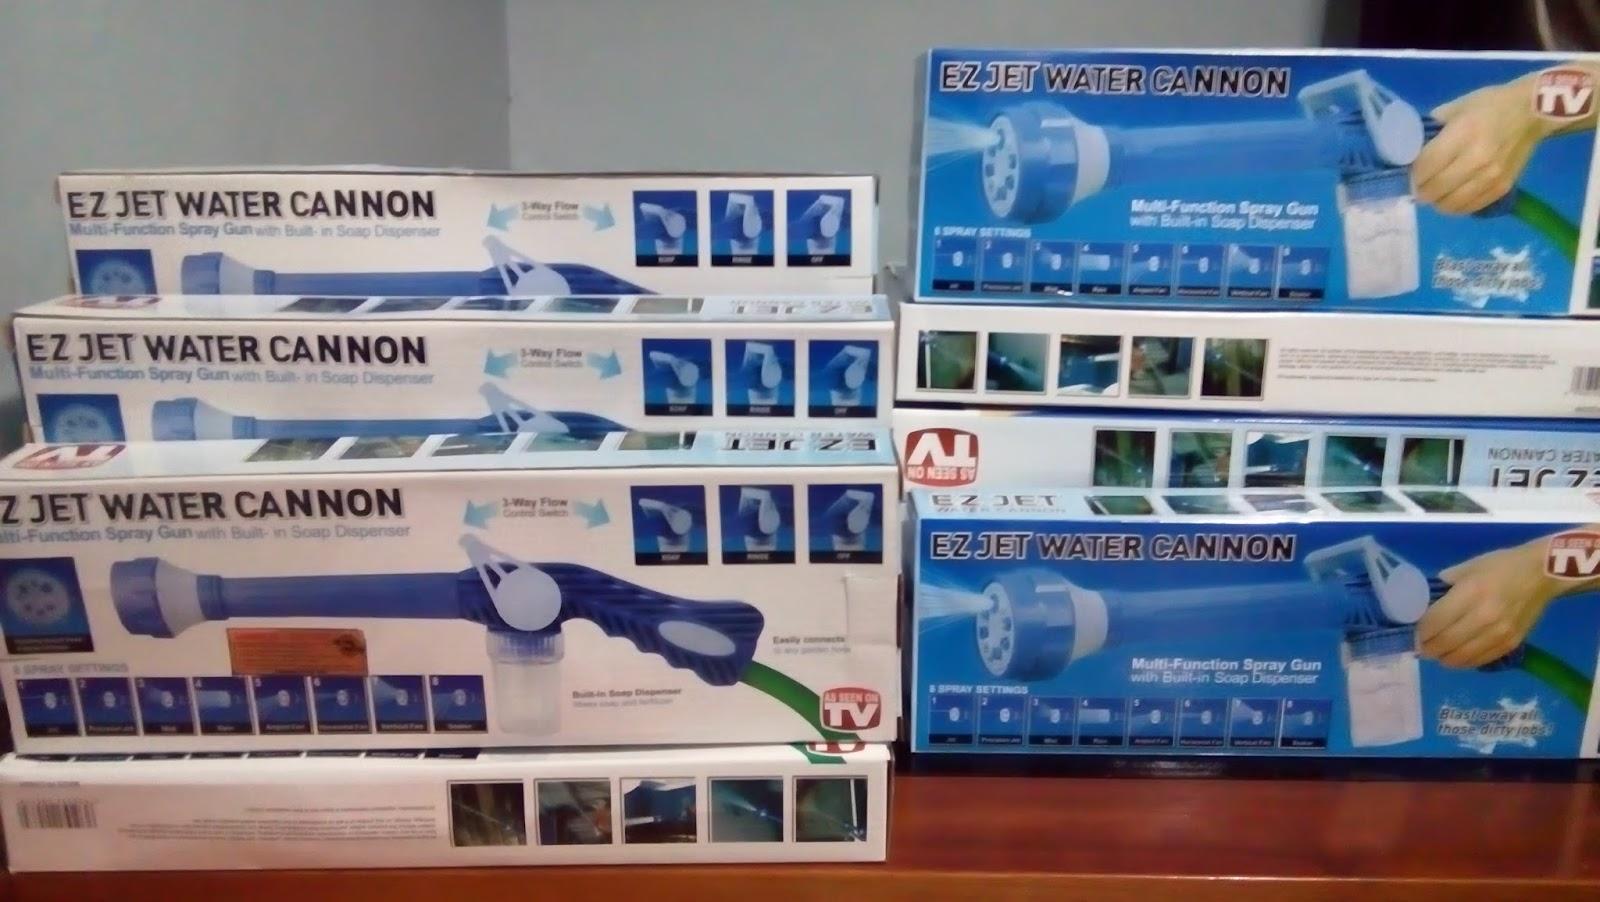 Manfaat Lain Jet Water Alat Penyemprot Air Tanpa Listrik Ez Gun Beberapa Pengiriman Kami